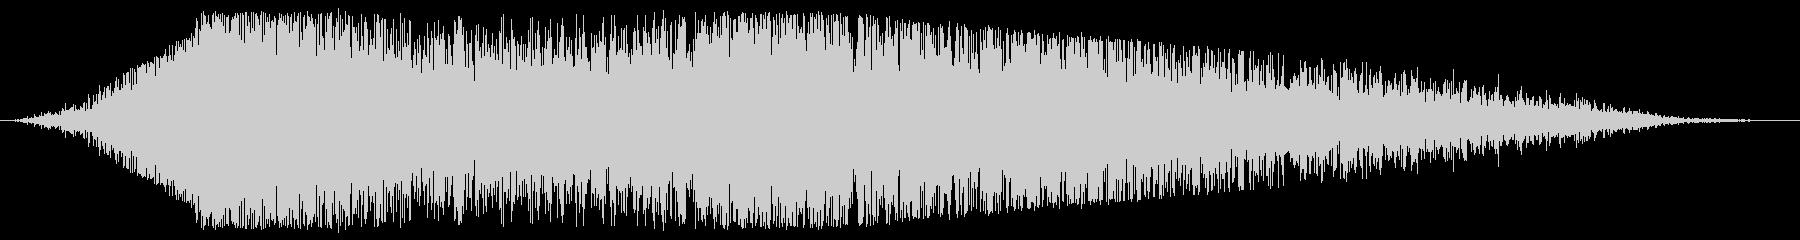 データスライド変換の未再生の波形